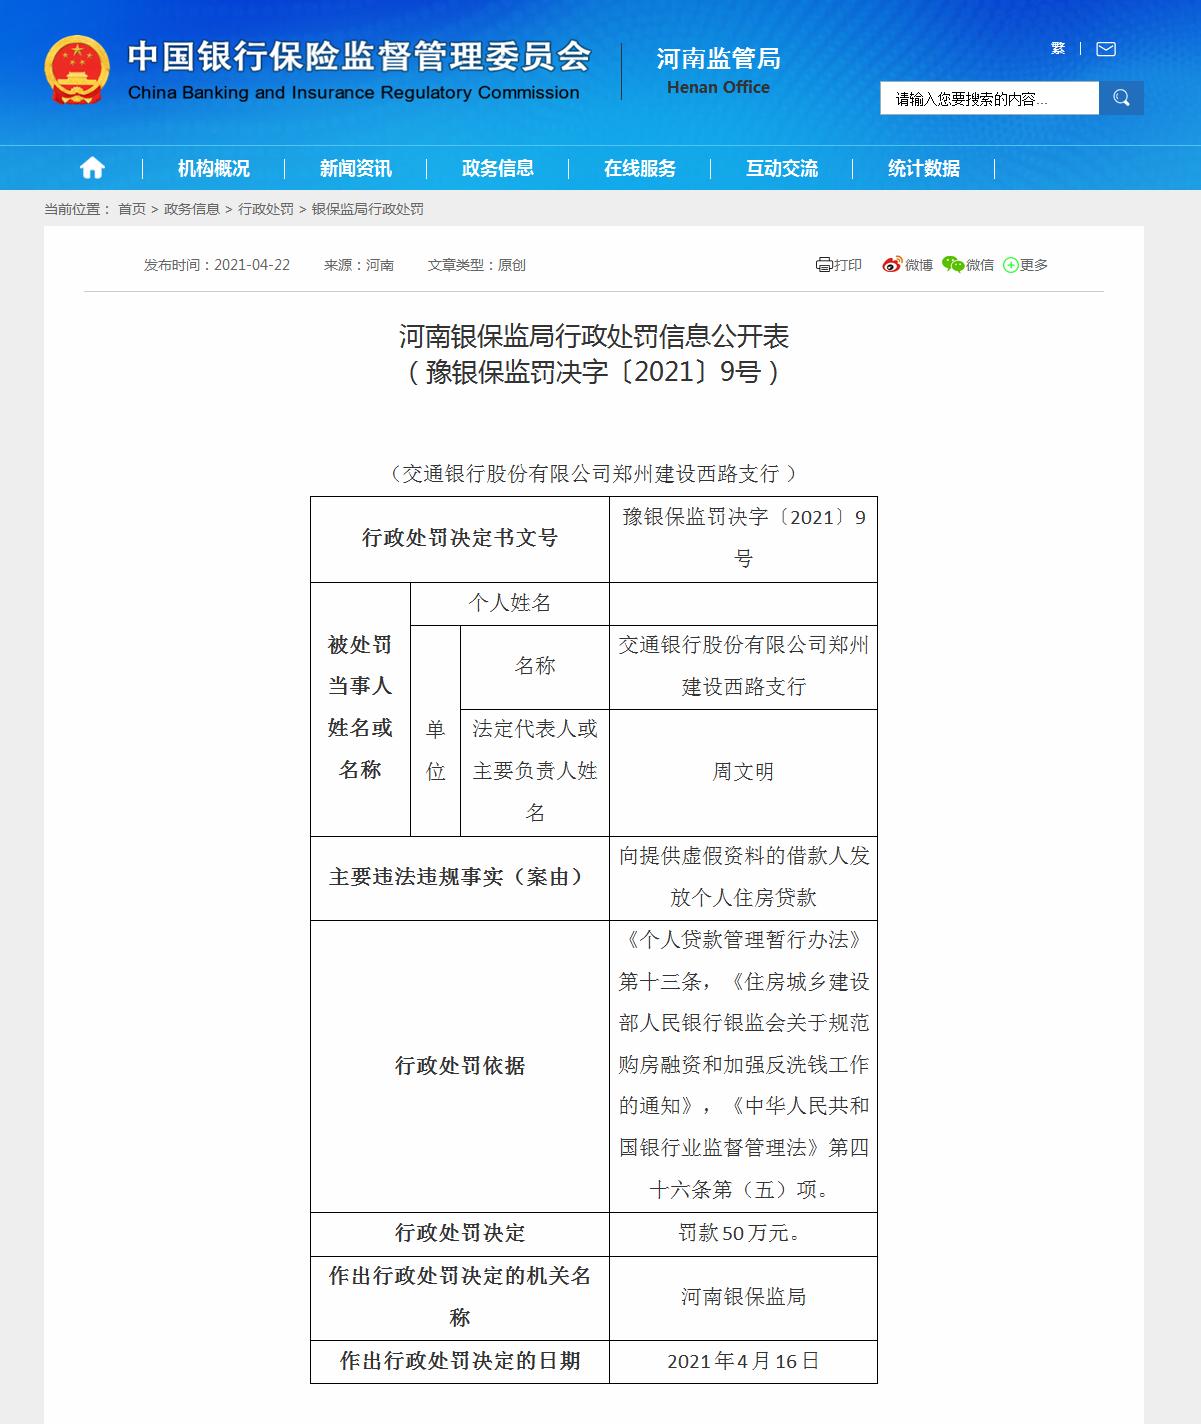 交通银行郑州建设西路支行被罚款50万元:向提供虚假资料借款人发放房贷